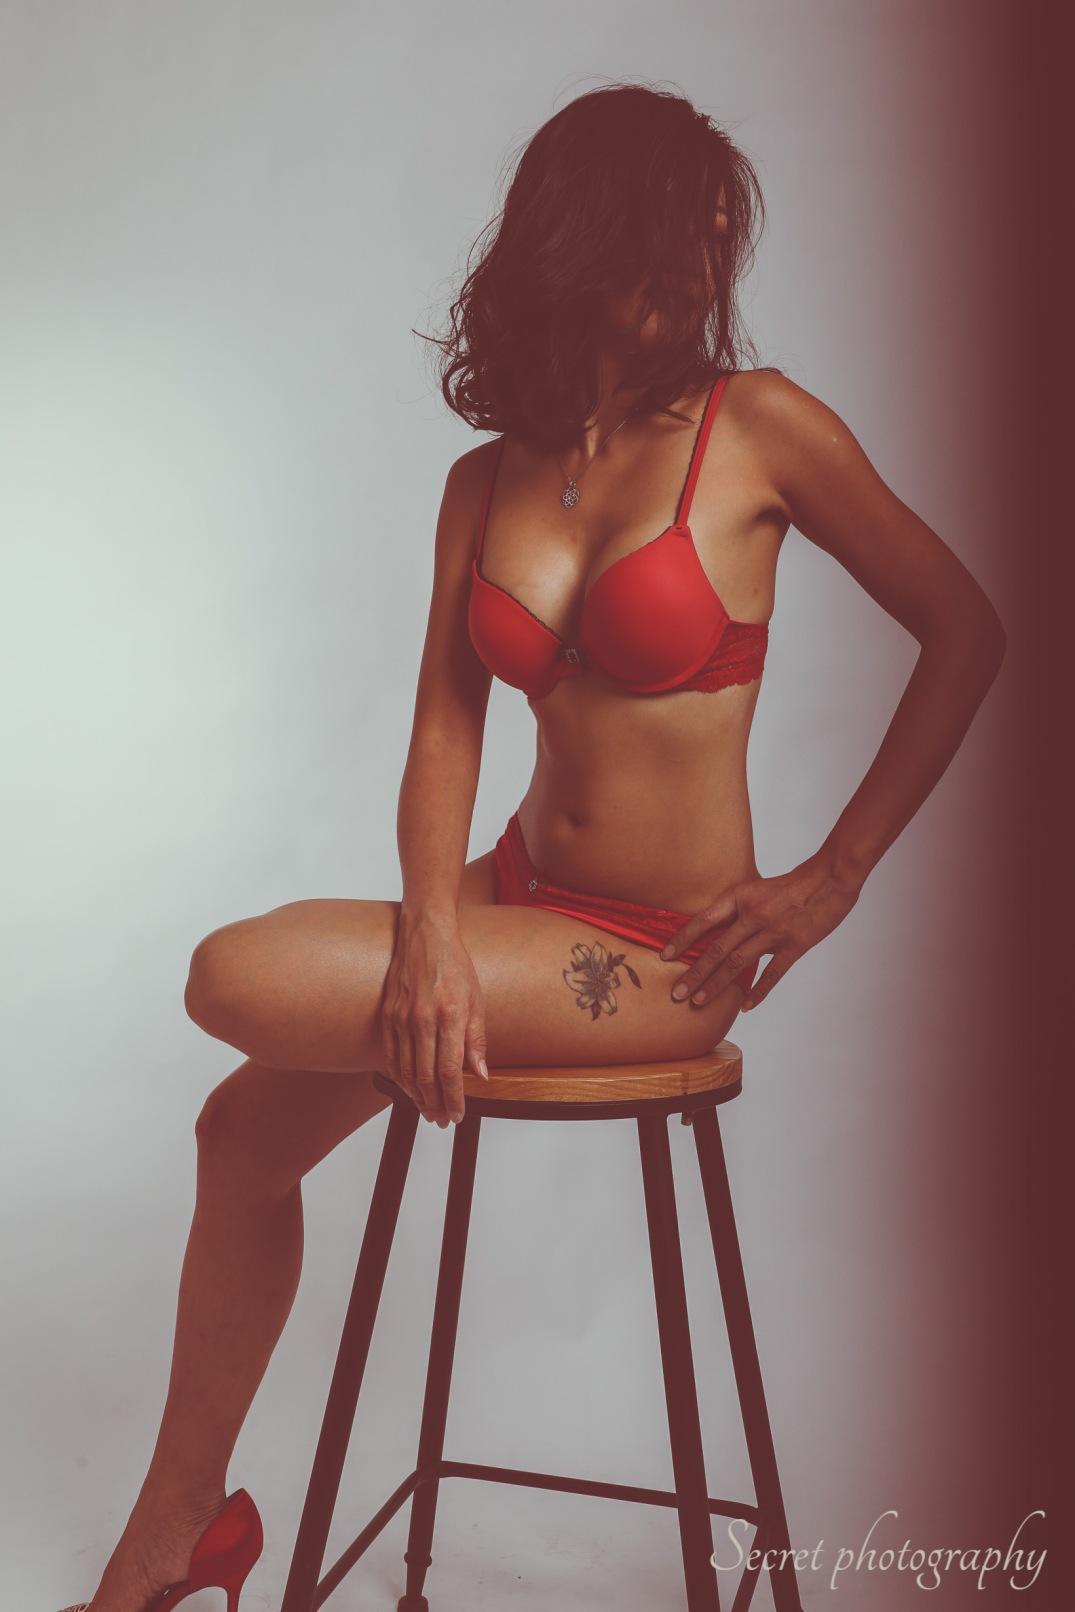 nude_photo_makeup_hairstyling_paulstylist_studio_shooting_photography_Liye-19